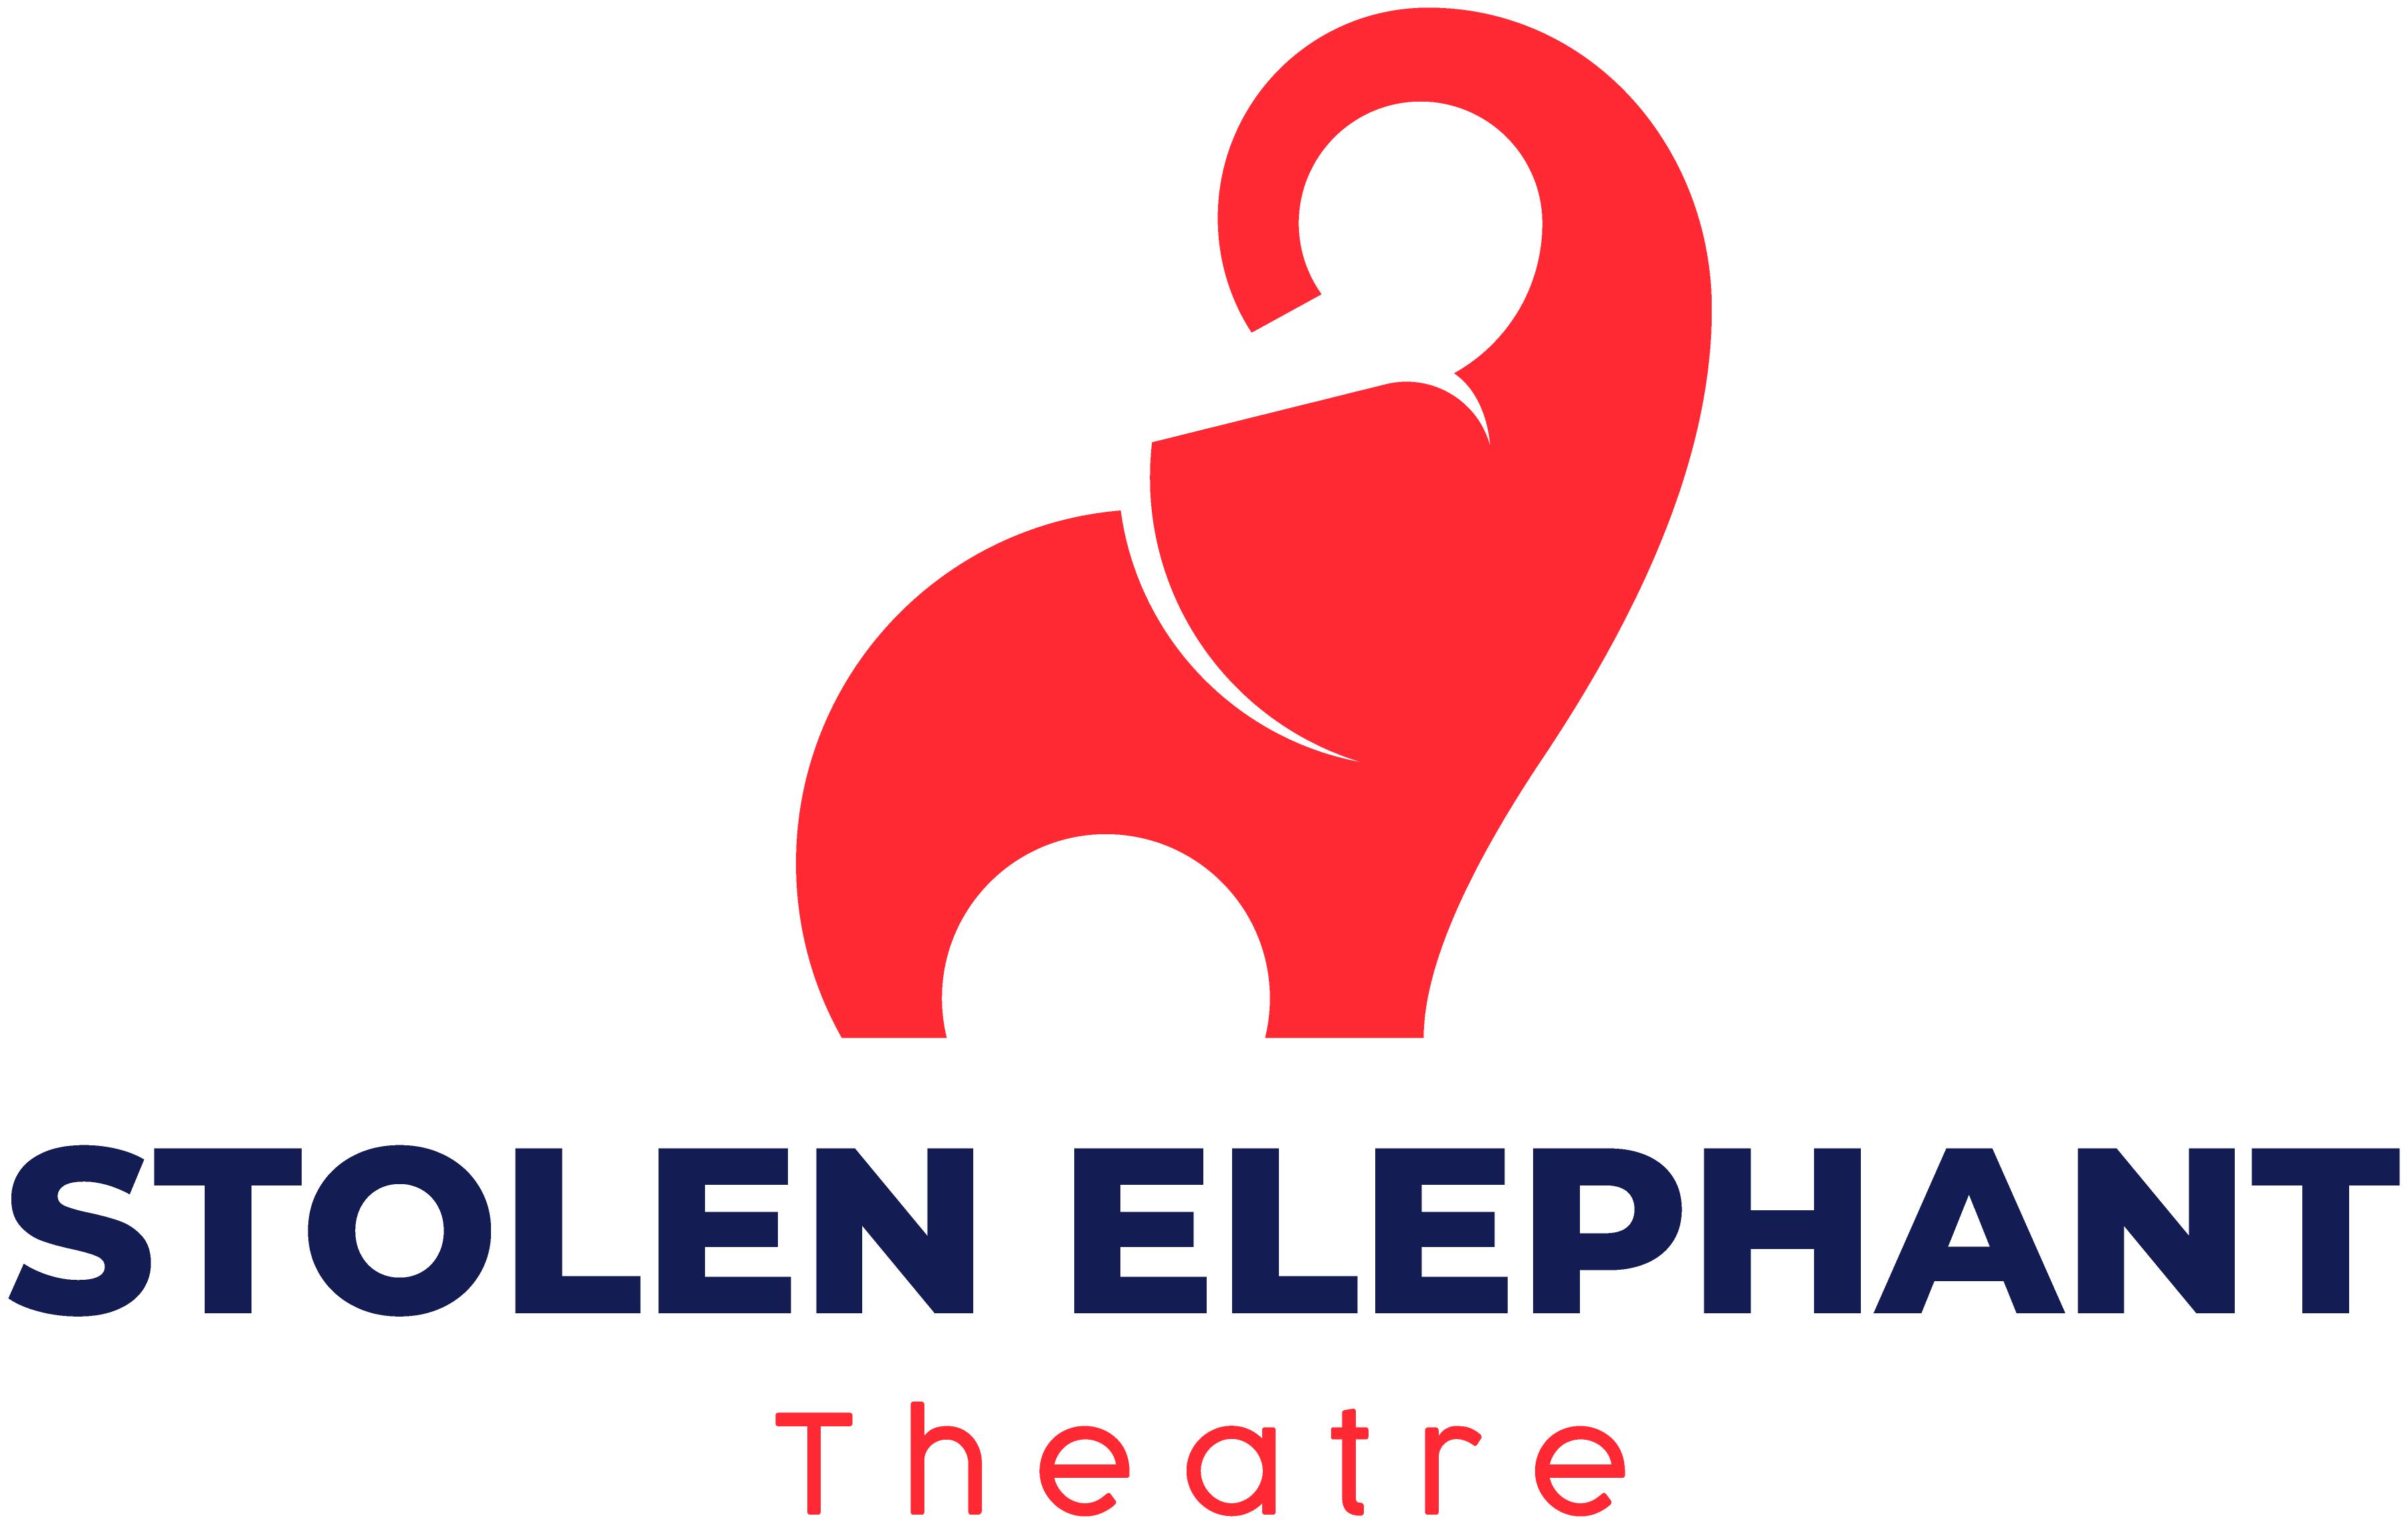 Stolen Elephant Theatre